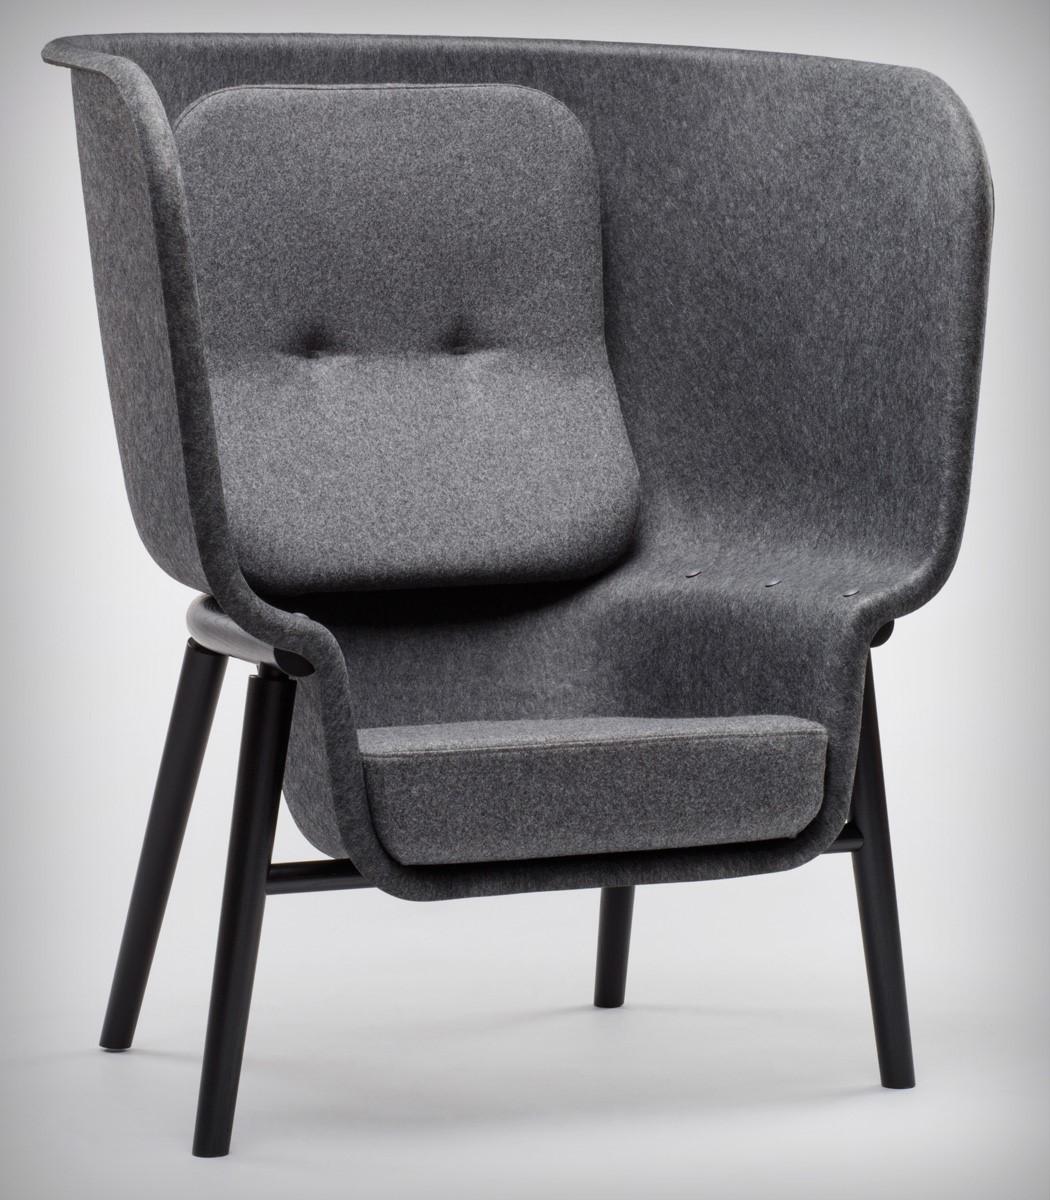 the_chair_pod_chair_03